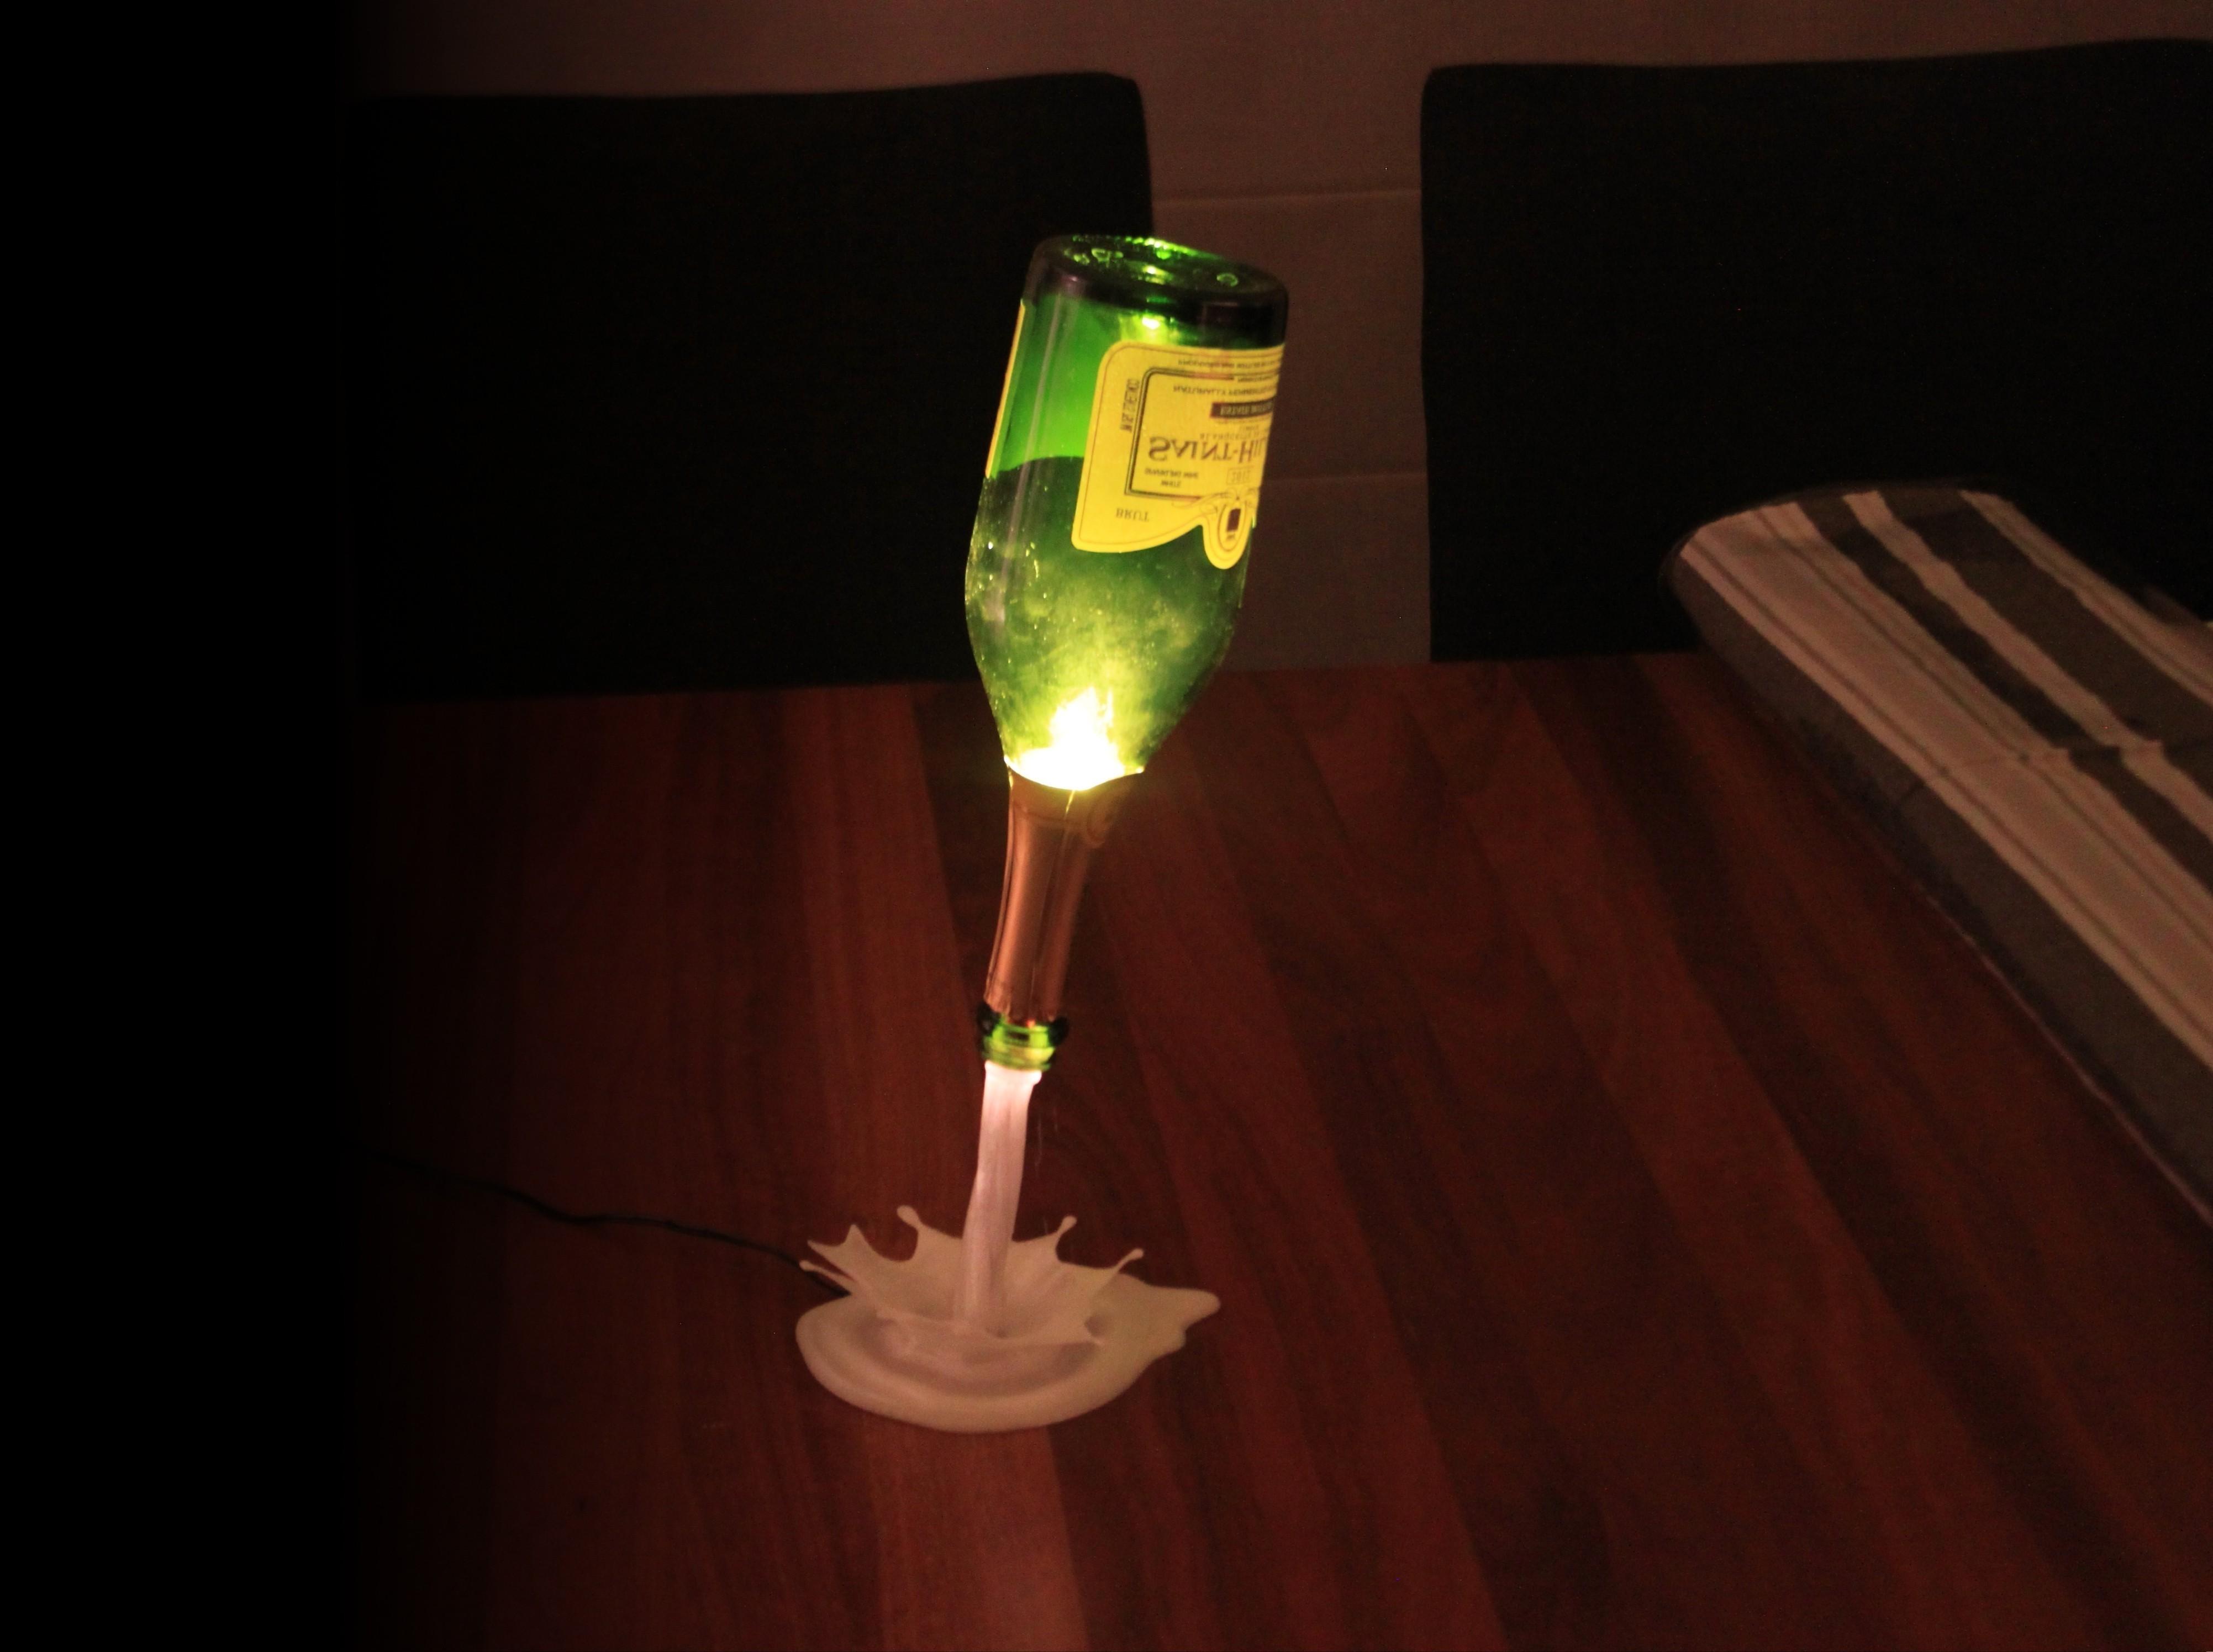 Splash_Light_by_Apex_2.jpg Download free STL file SplashLIGHT • 3D print object, Avooq